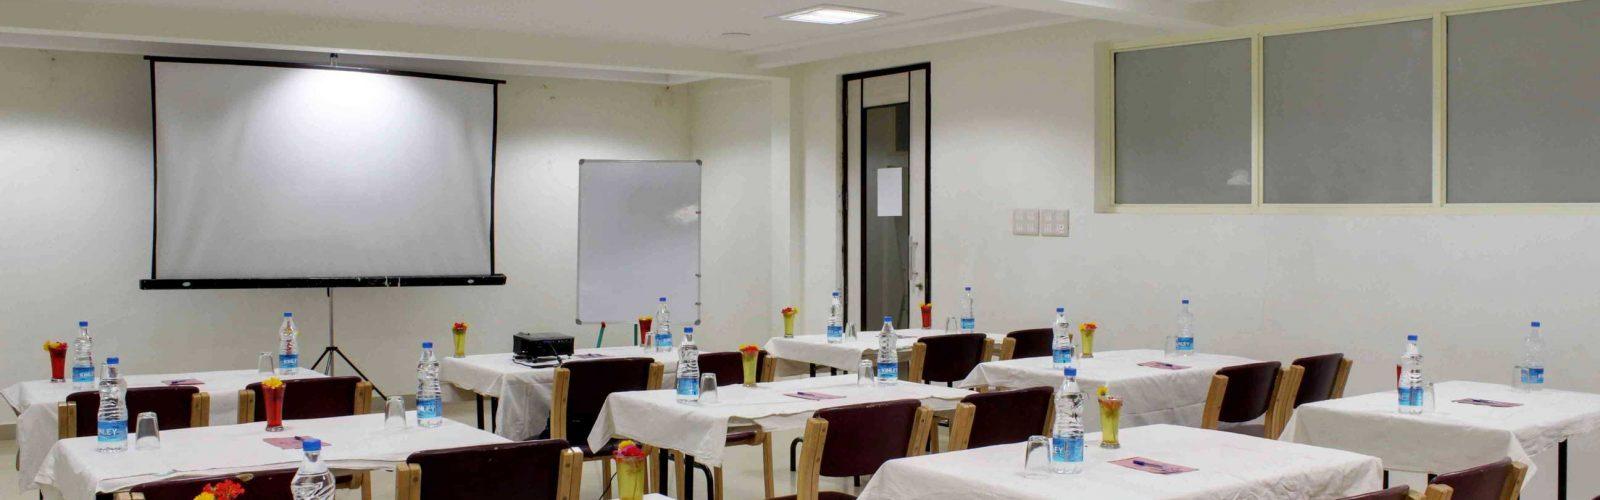 Kalyana - Meeting Rooms